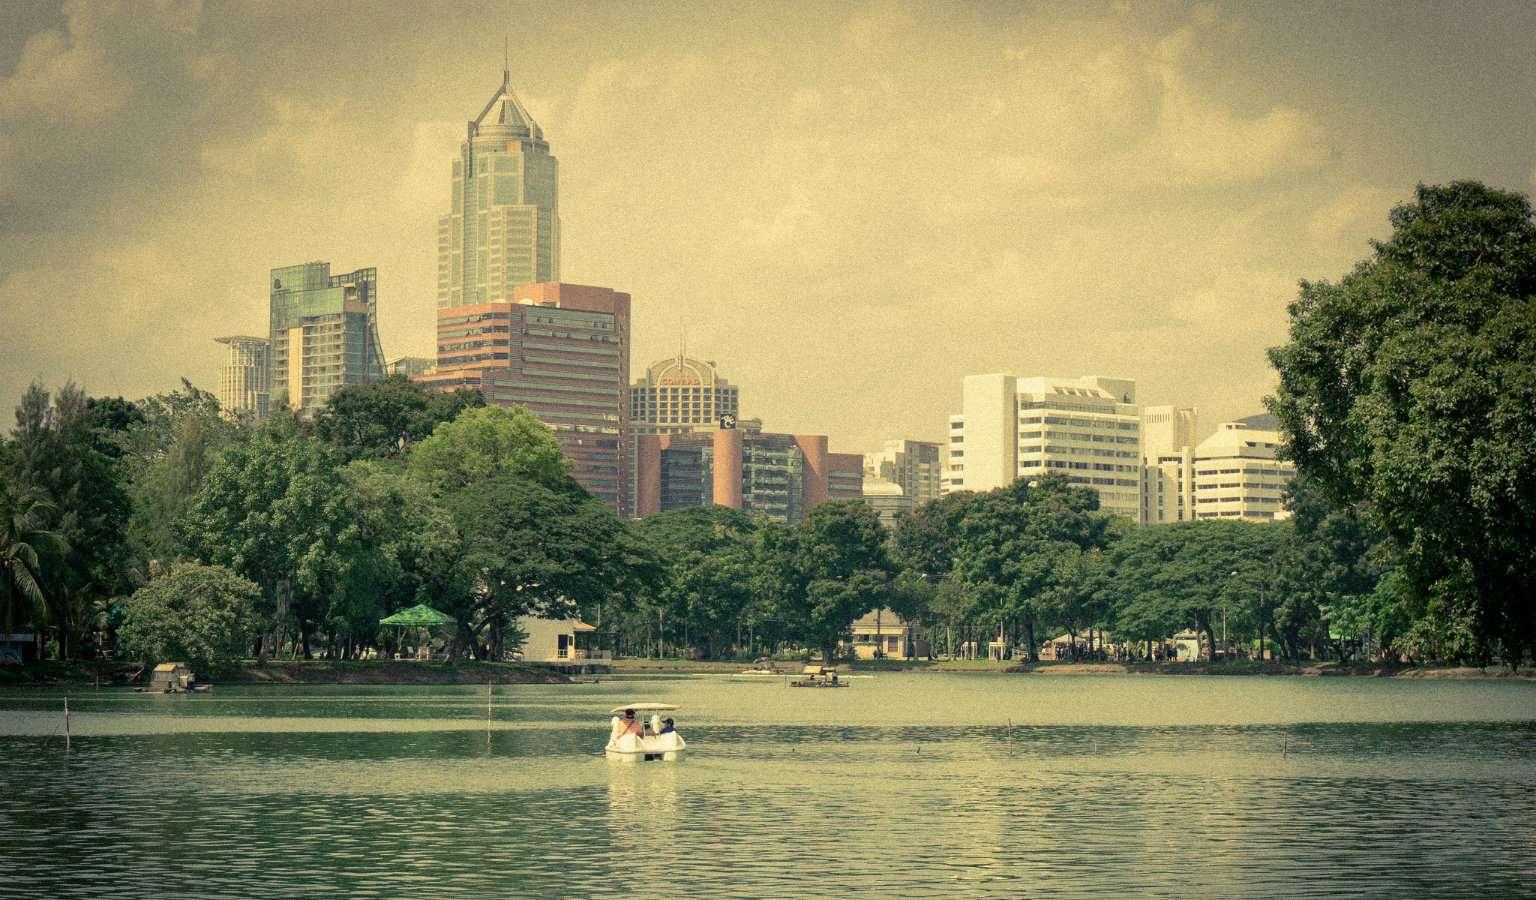 Lumphini Park in Bangkok, Thailand